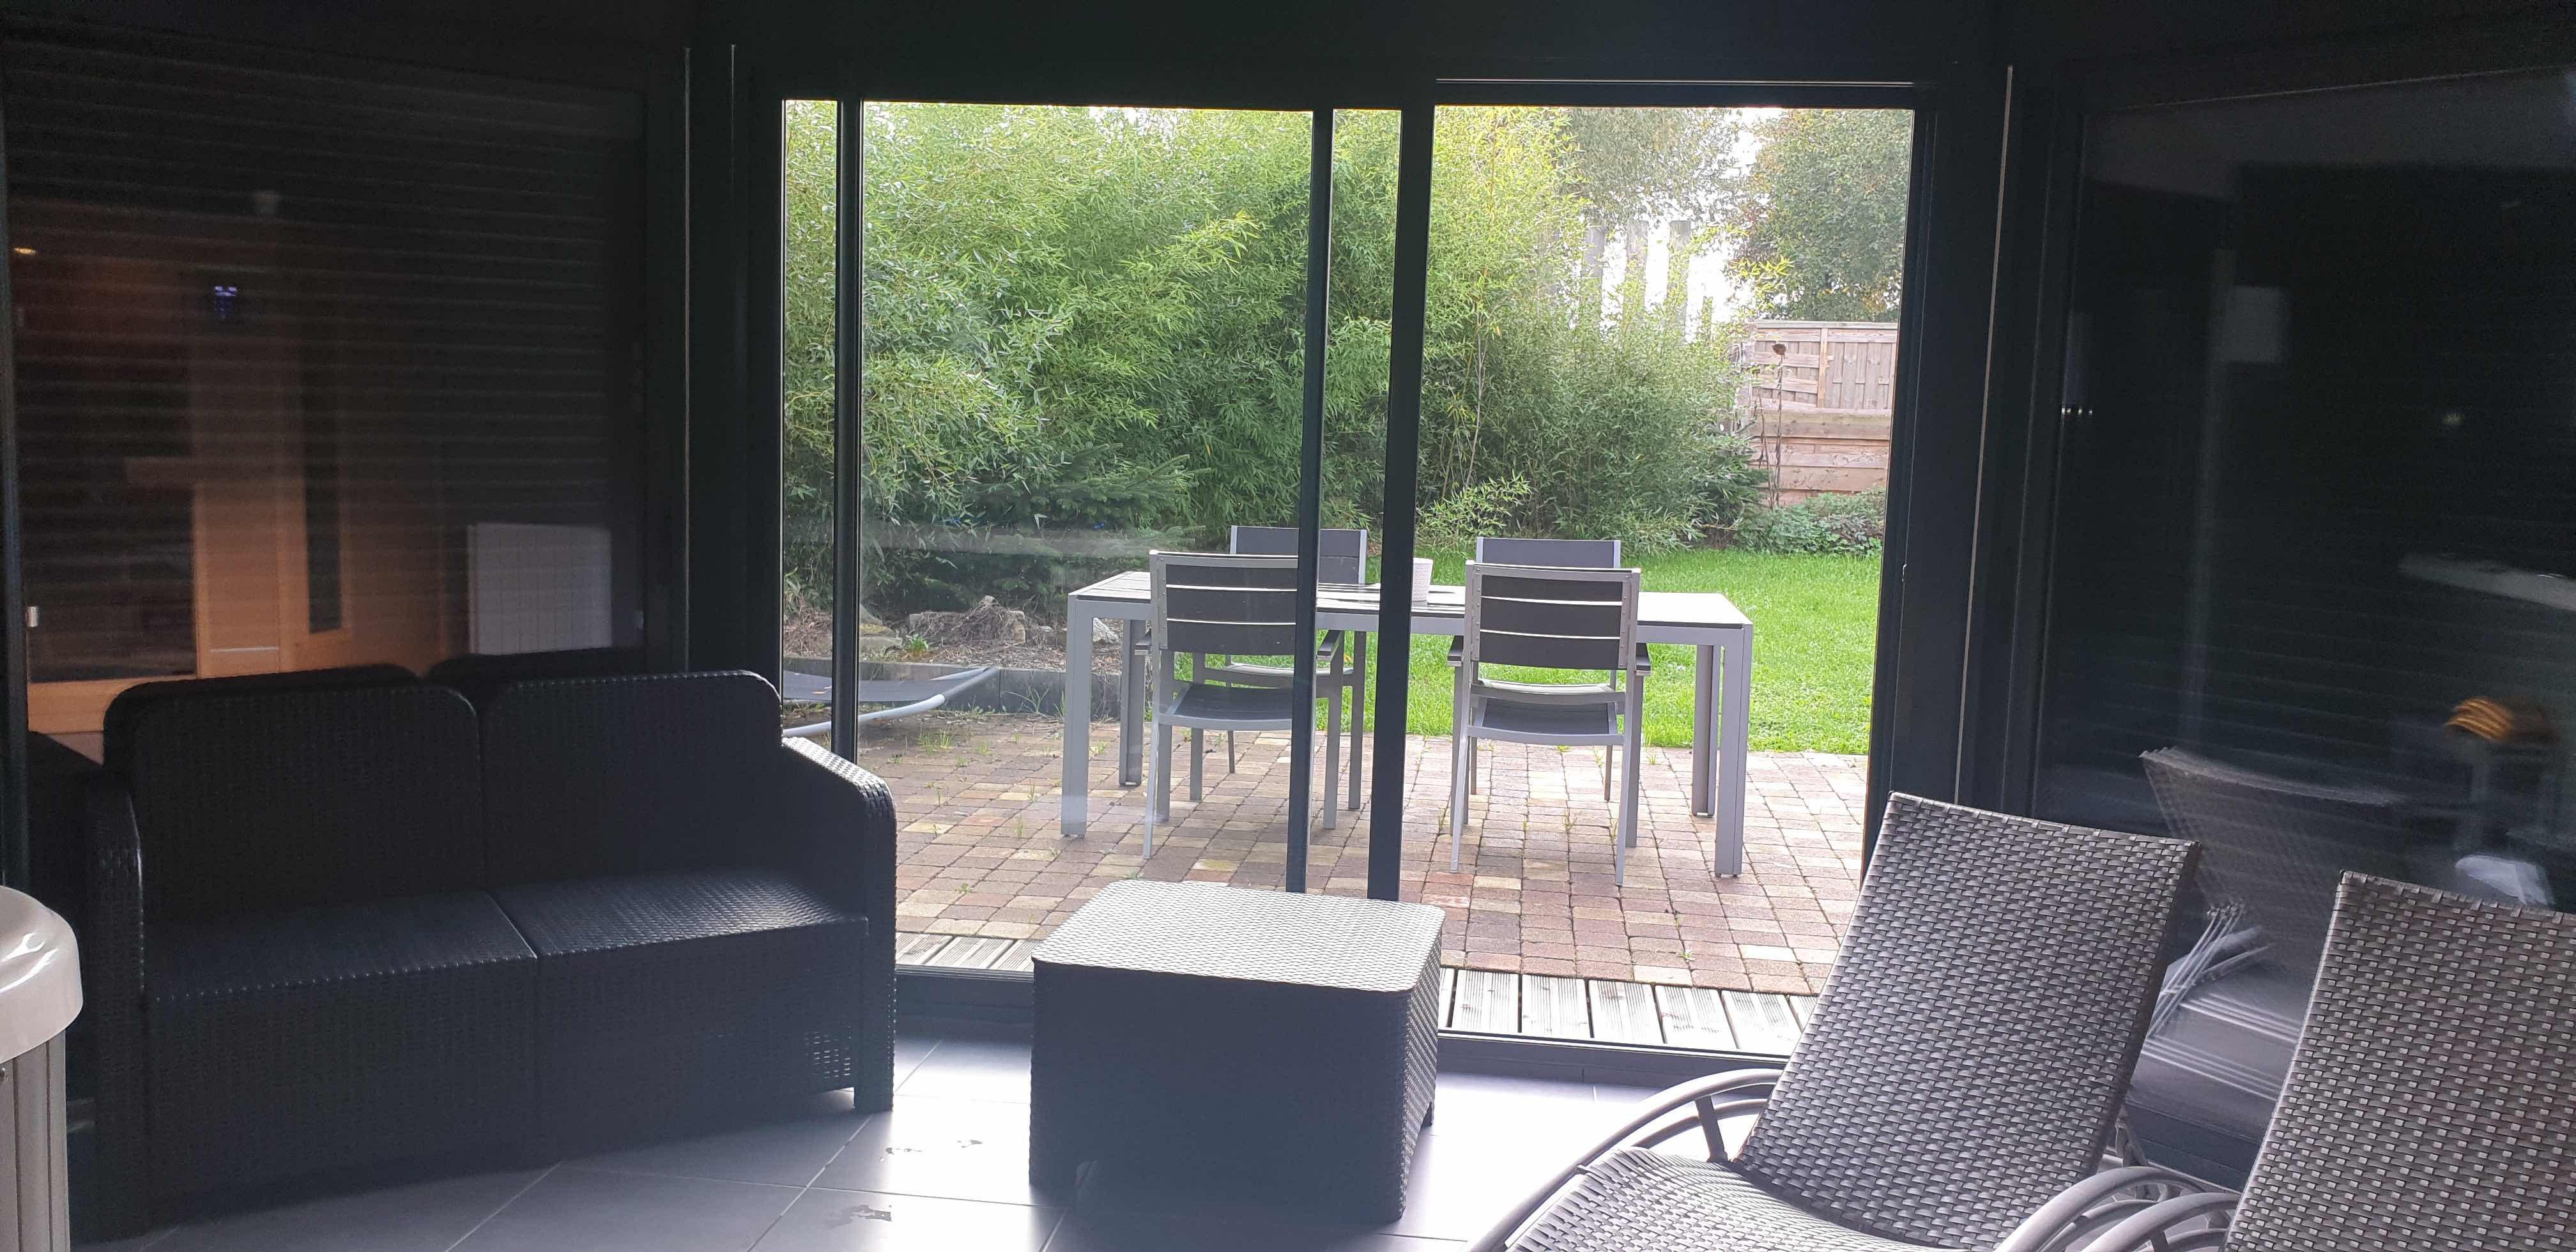 chambre-jacuzzi-privatif-lille-nord-pas-de-calais--salon-vue-exterieur-terrasse